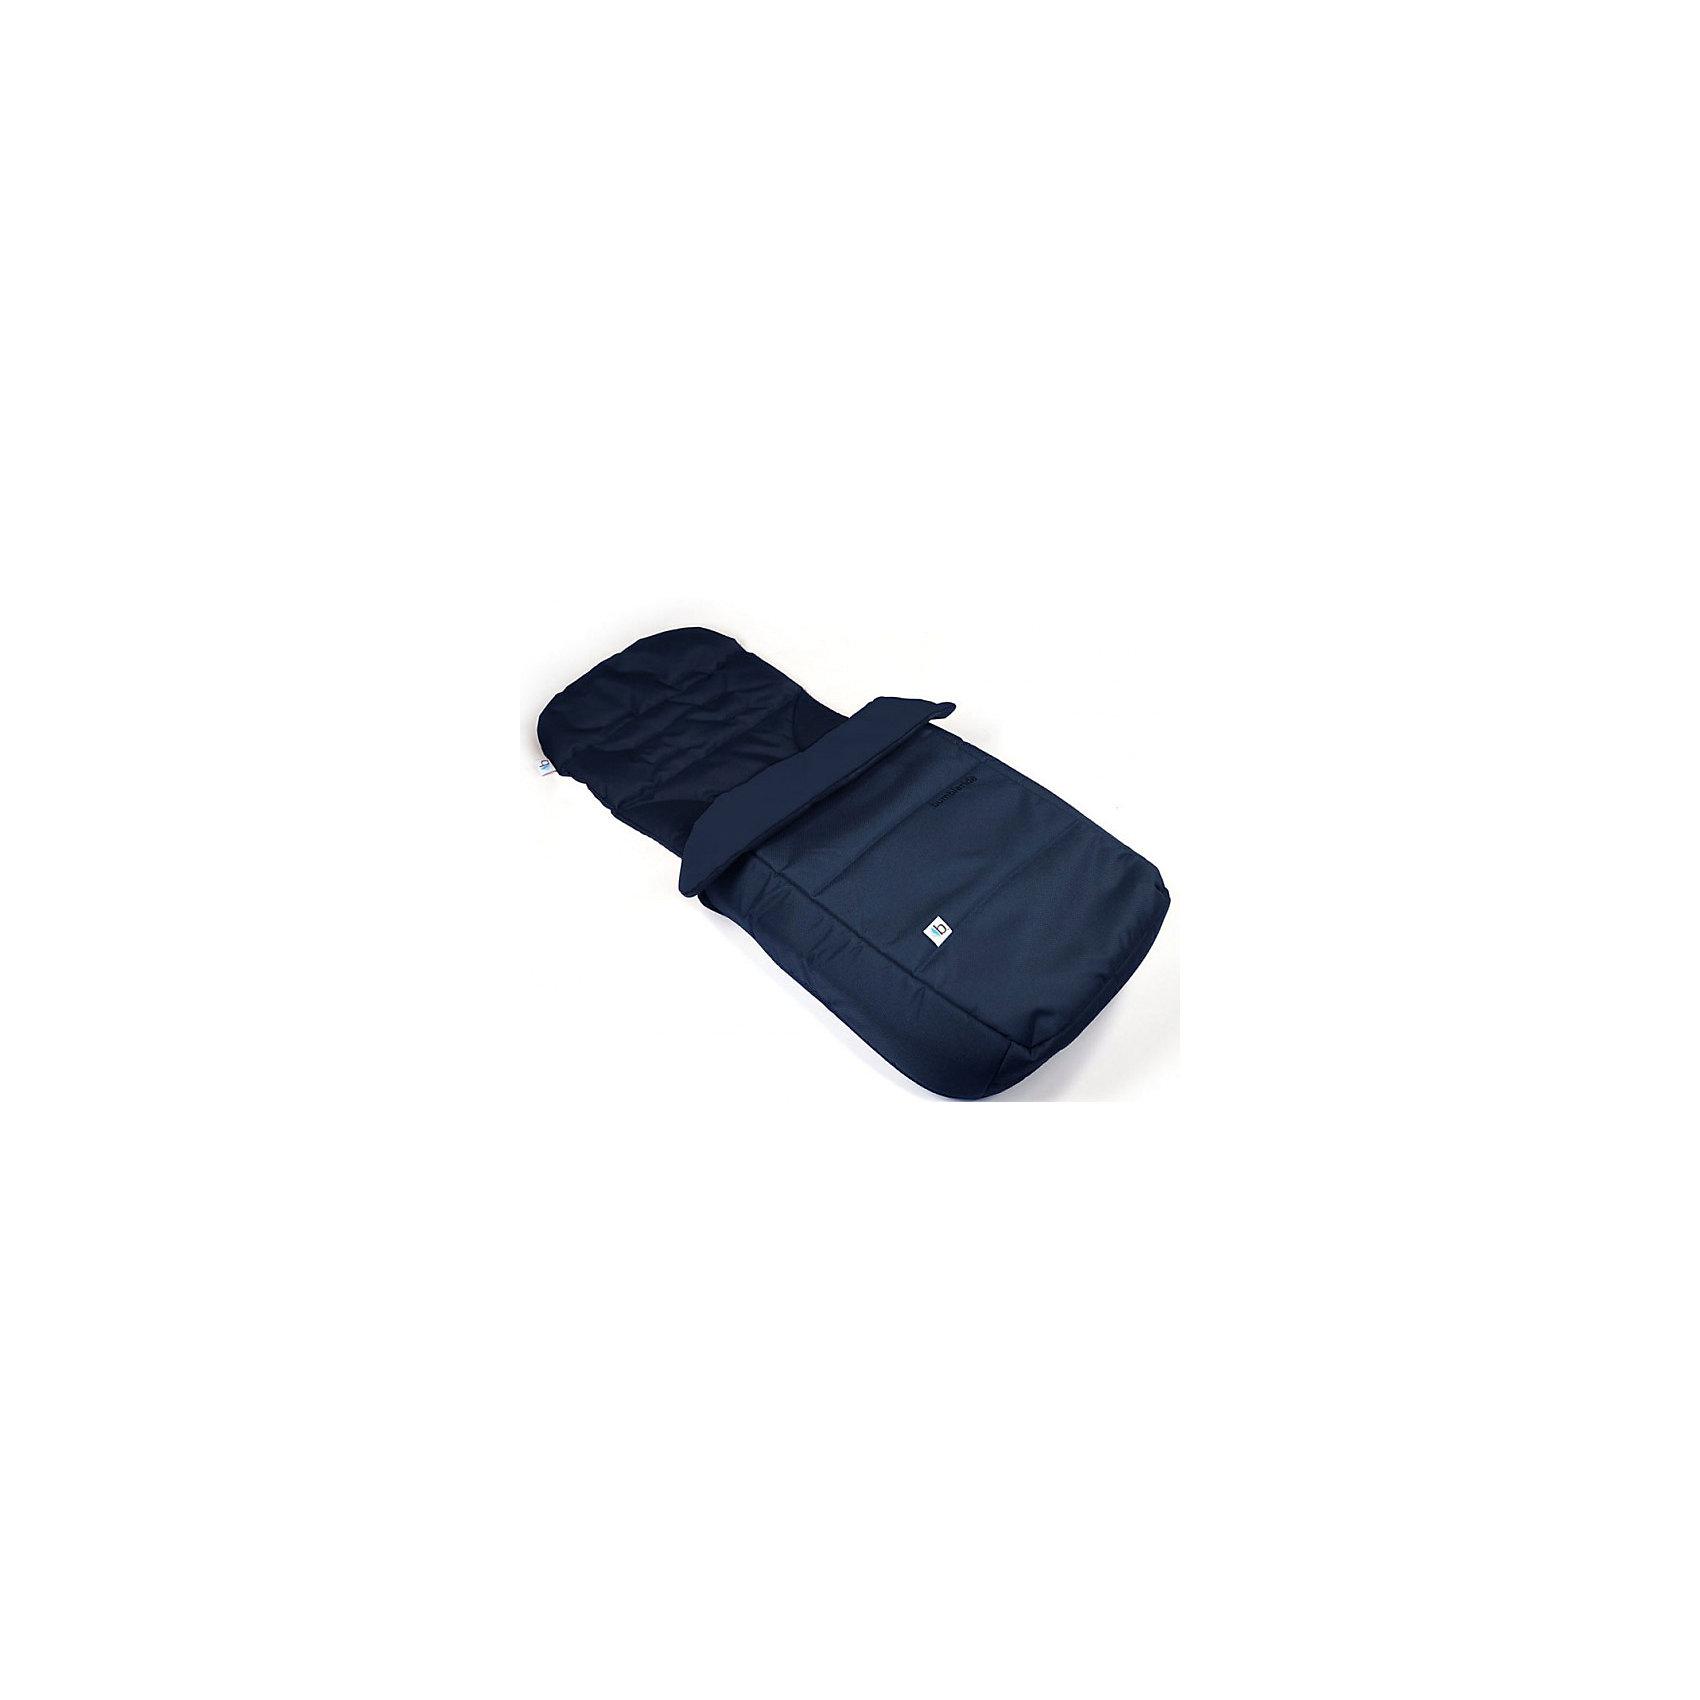 Накидка на ножки универсальная, Bumbleride,Аксессуары для колясок<br>Коляска – незаменимая вещь для молодых родителей. В настоящее время существует огромное количество всевозможных аксессуаров для колясок, поэтому важно выбрать лучший из них. Универсальная накидка от бренда Bumbleride для ножек малыша – прекрасный вариант для утепления коляски. Накидка защитит от непогоды и холода. Материалы, использованные при изготовлении накидки, абсолютно безопасны для малыша и на 50% состоят из вещества, которое подлежит переработке. Есть возможность использовать аксессуар как матрасик для малыша, если отстегнуть верхнюю часть.<br><br>Дополнительная информация: <br><br>цвет: maritime blue;<br>возраст: от 0 до 3 лет;<br><br>Накидку для коляски от компании Bumbleride можно приобрести в нашем магазине.<br><br>Ширина мм: 460<br>Глубина мм: 365<br>Высота мм: 100<br>Вес г: 800<br>Возраст от месяцев: 0<br>Возраст до месяцев: 36<br>Пол: Унисекс<br>Возраст: Детский<br>SKU: 4998033